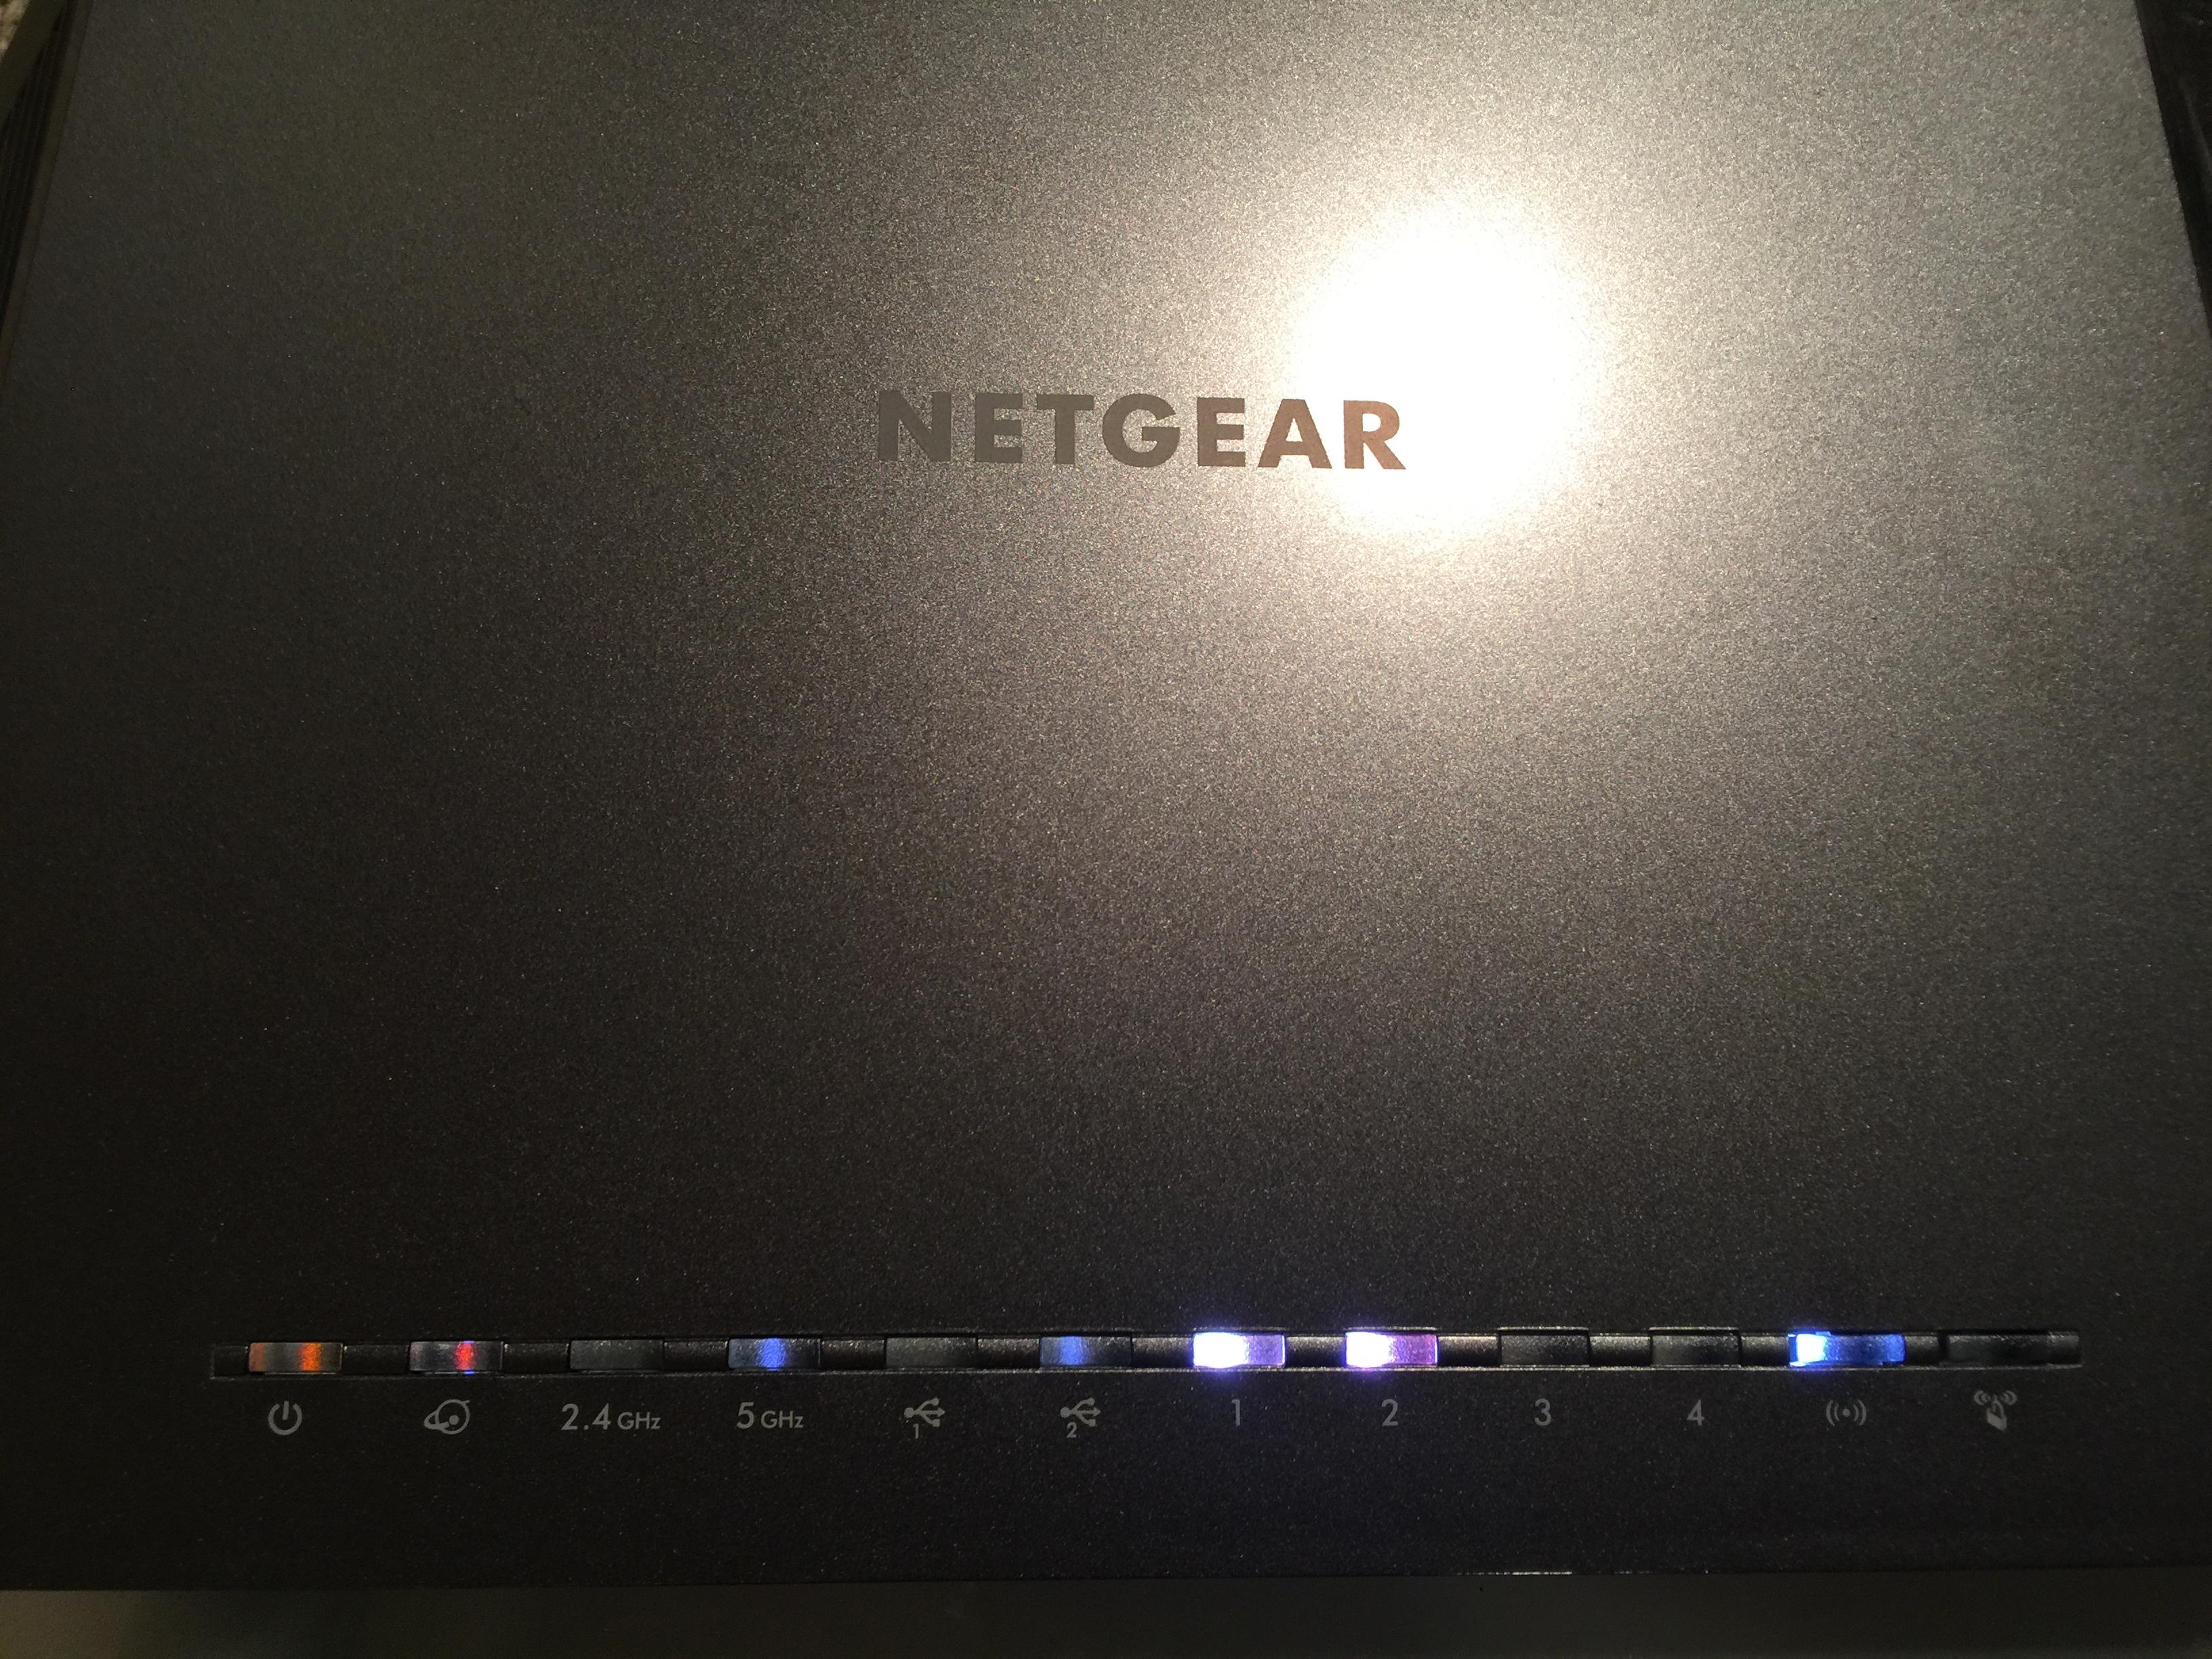 Netgear Cable Modem Lights Flashing - Somurich com